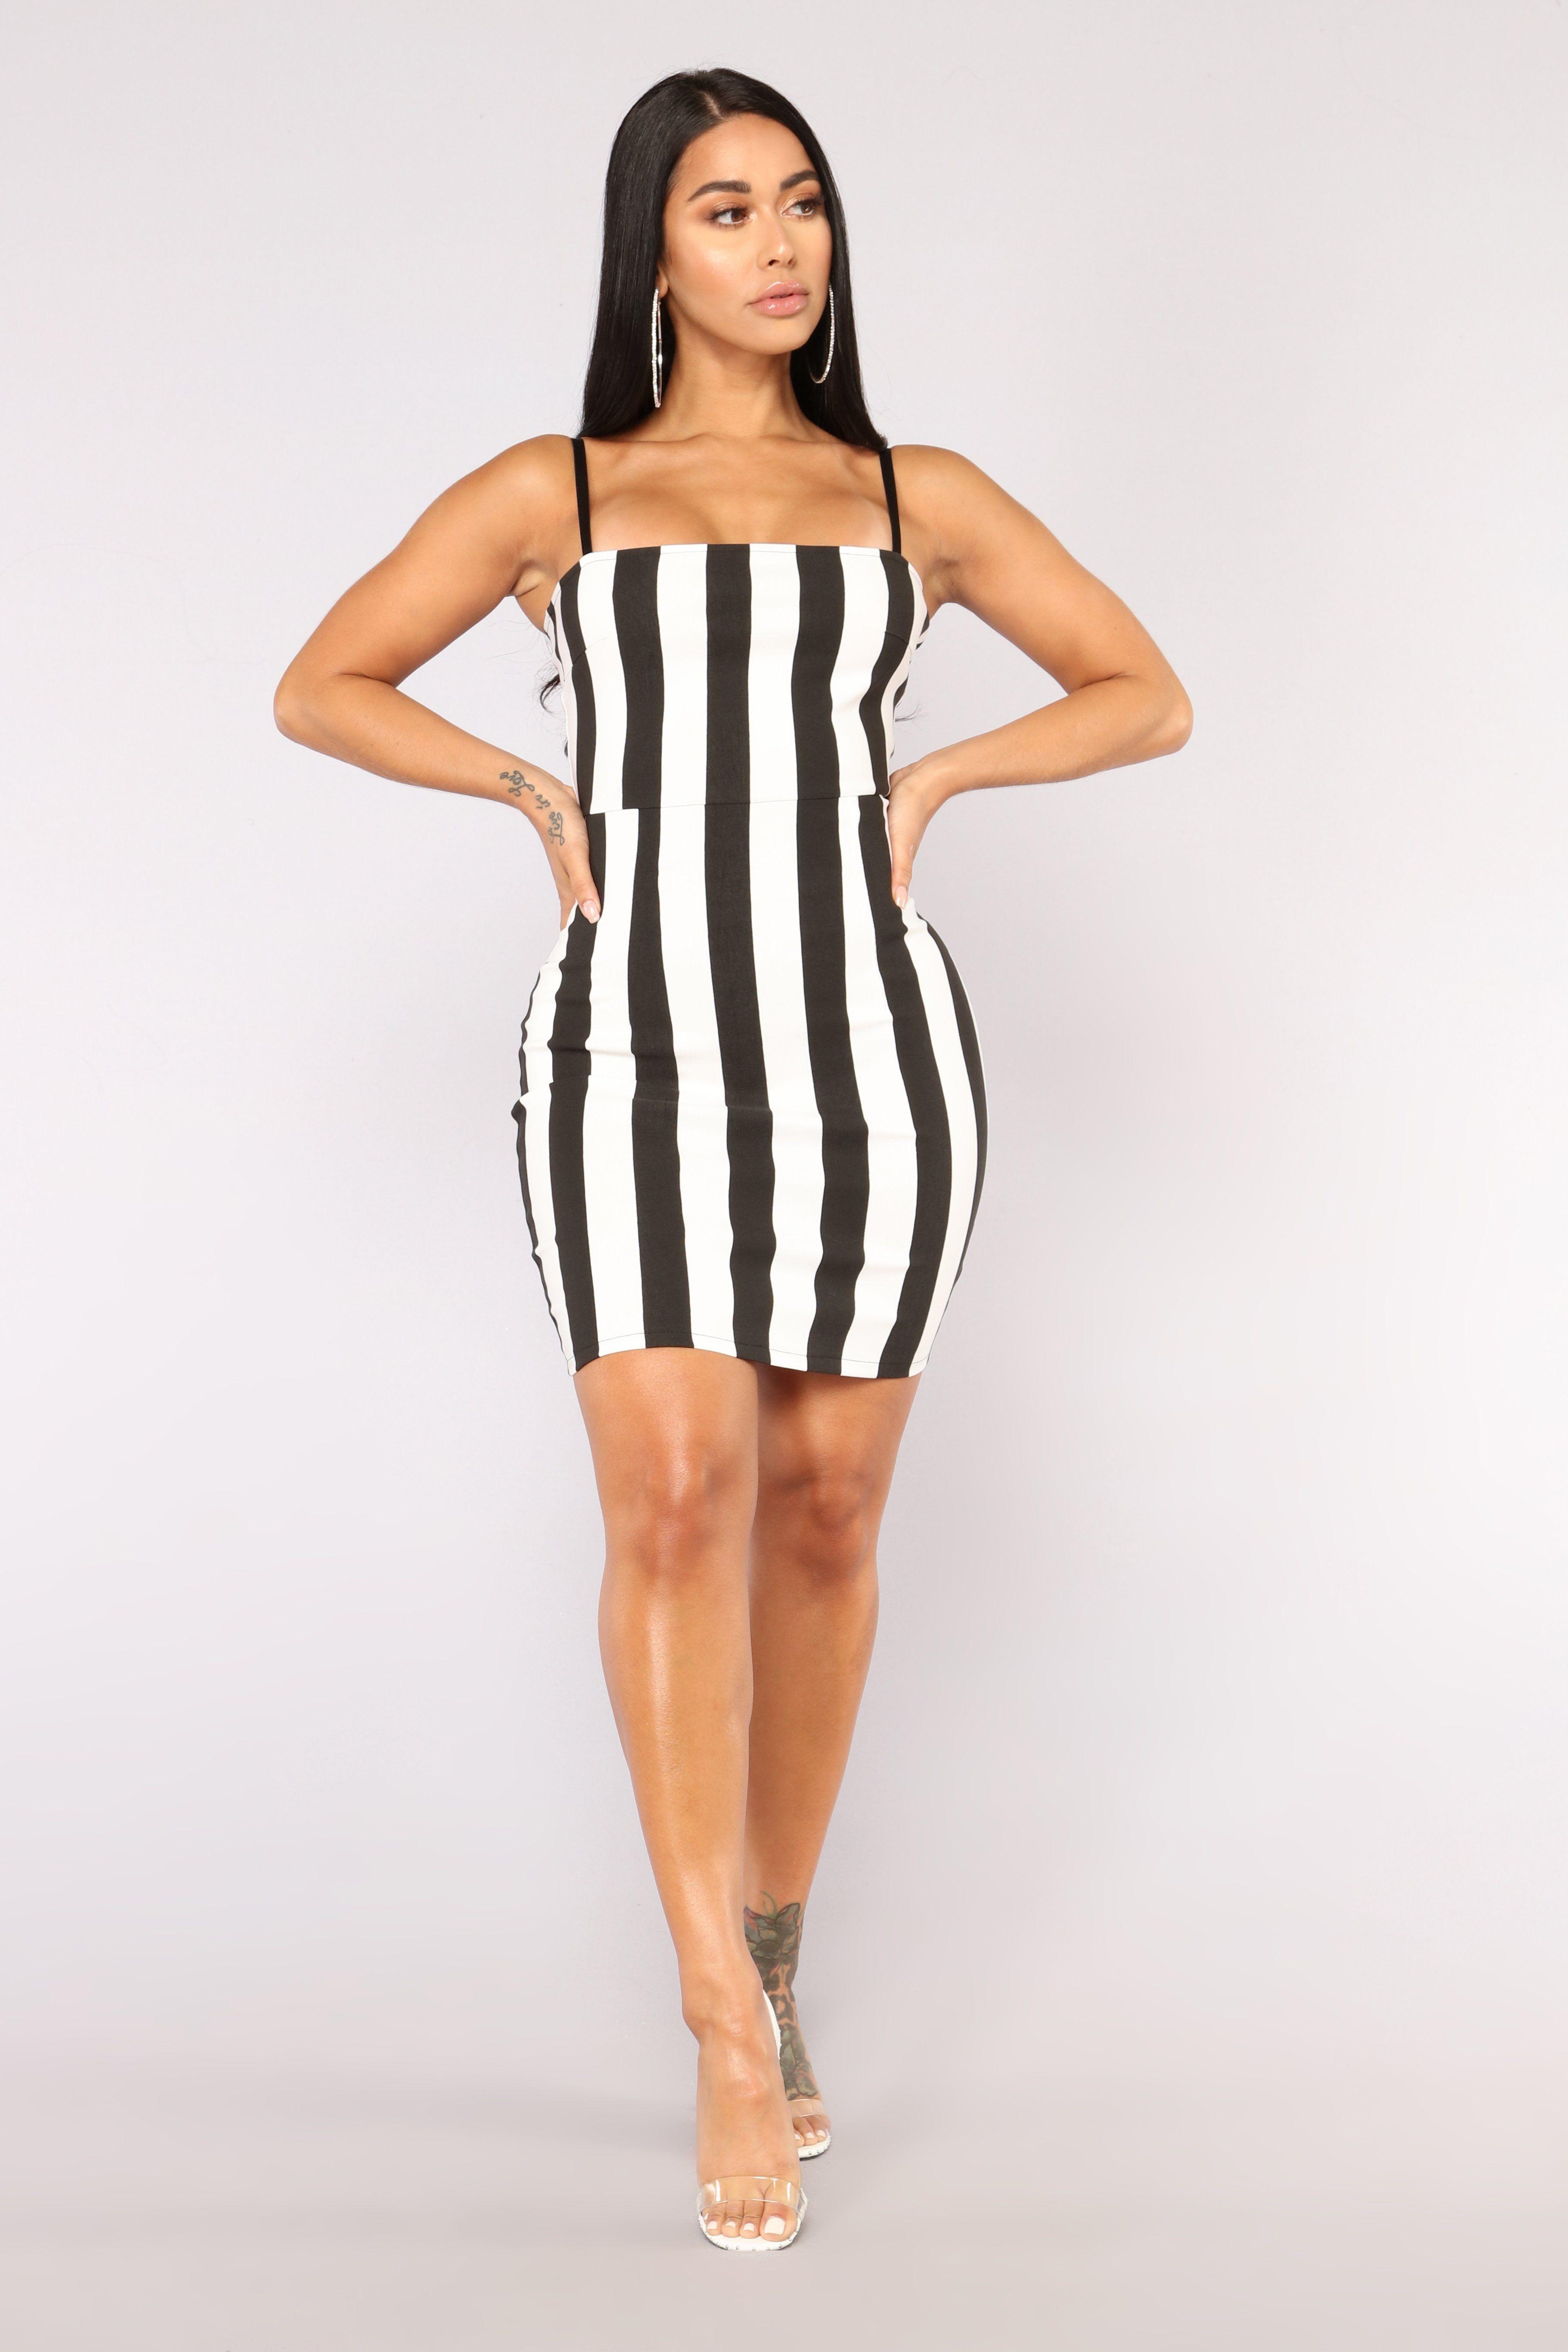 0e9284862e0 Friday Nights Striped Dress - Black White